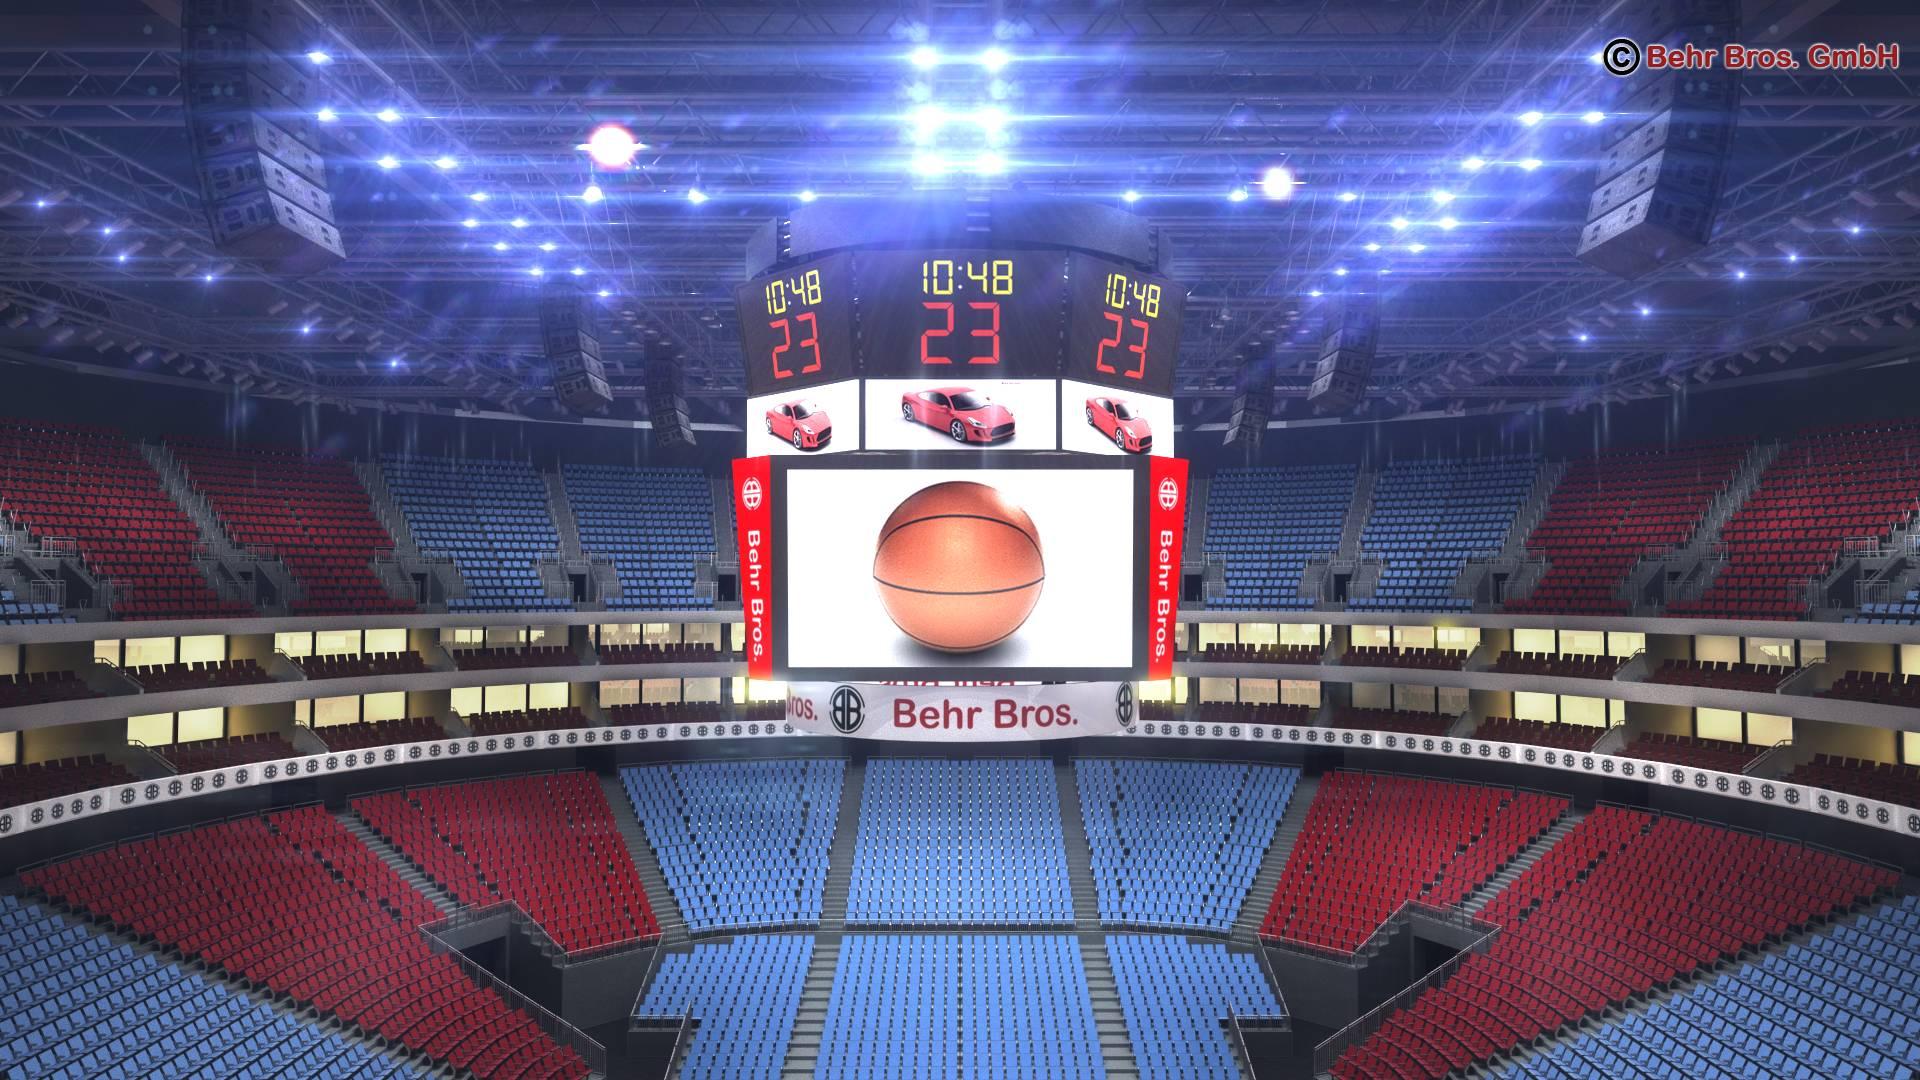 košarkaška arena v2 3d model 3ds max fbx c4d lwo ma mb obj 222366